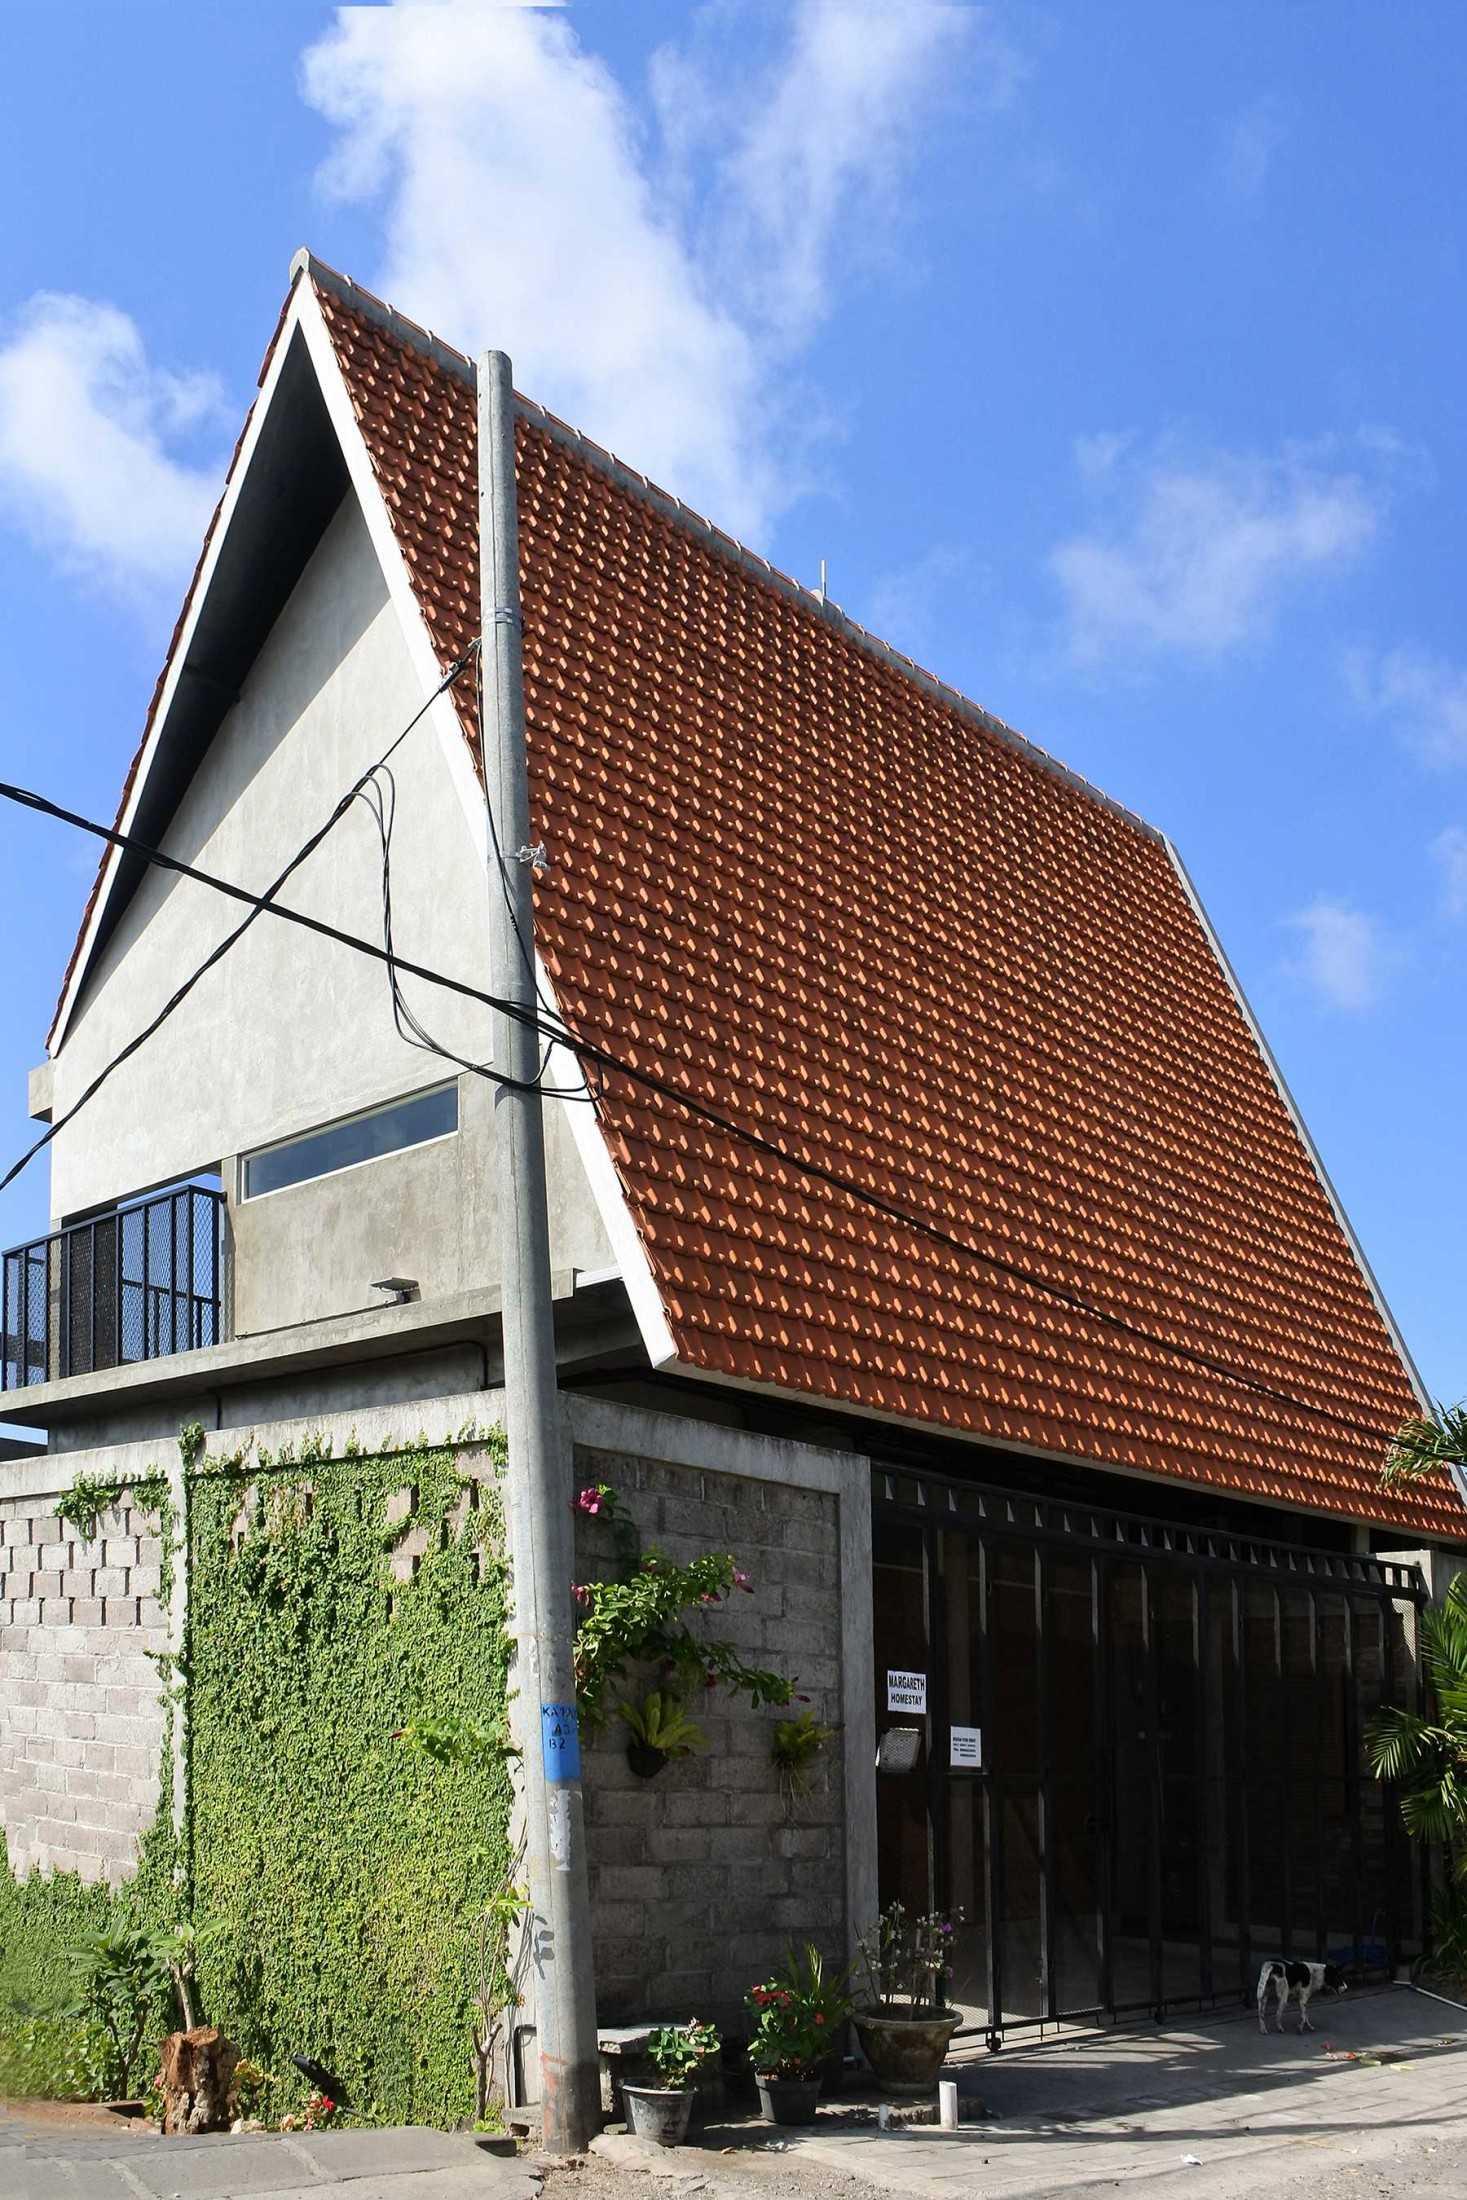 Jasa Arsitek Bentara Indonesia Arsitek di Gianyar